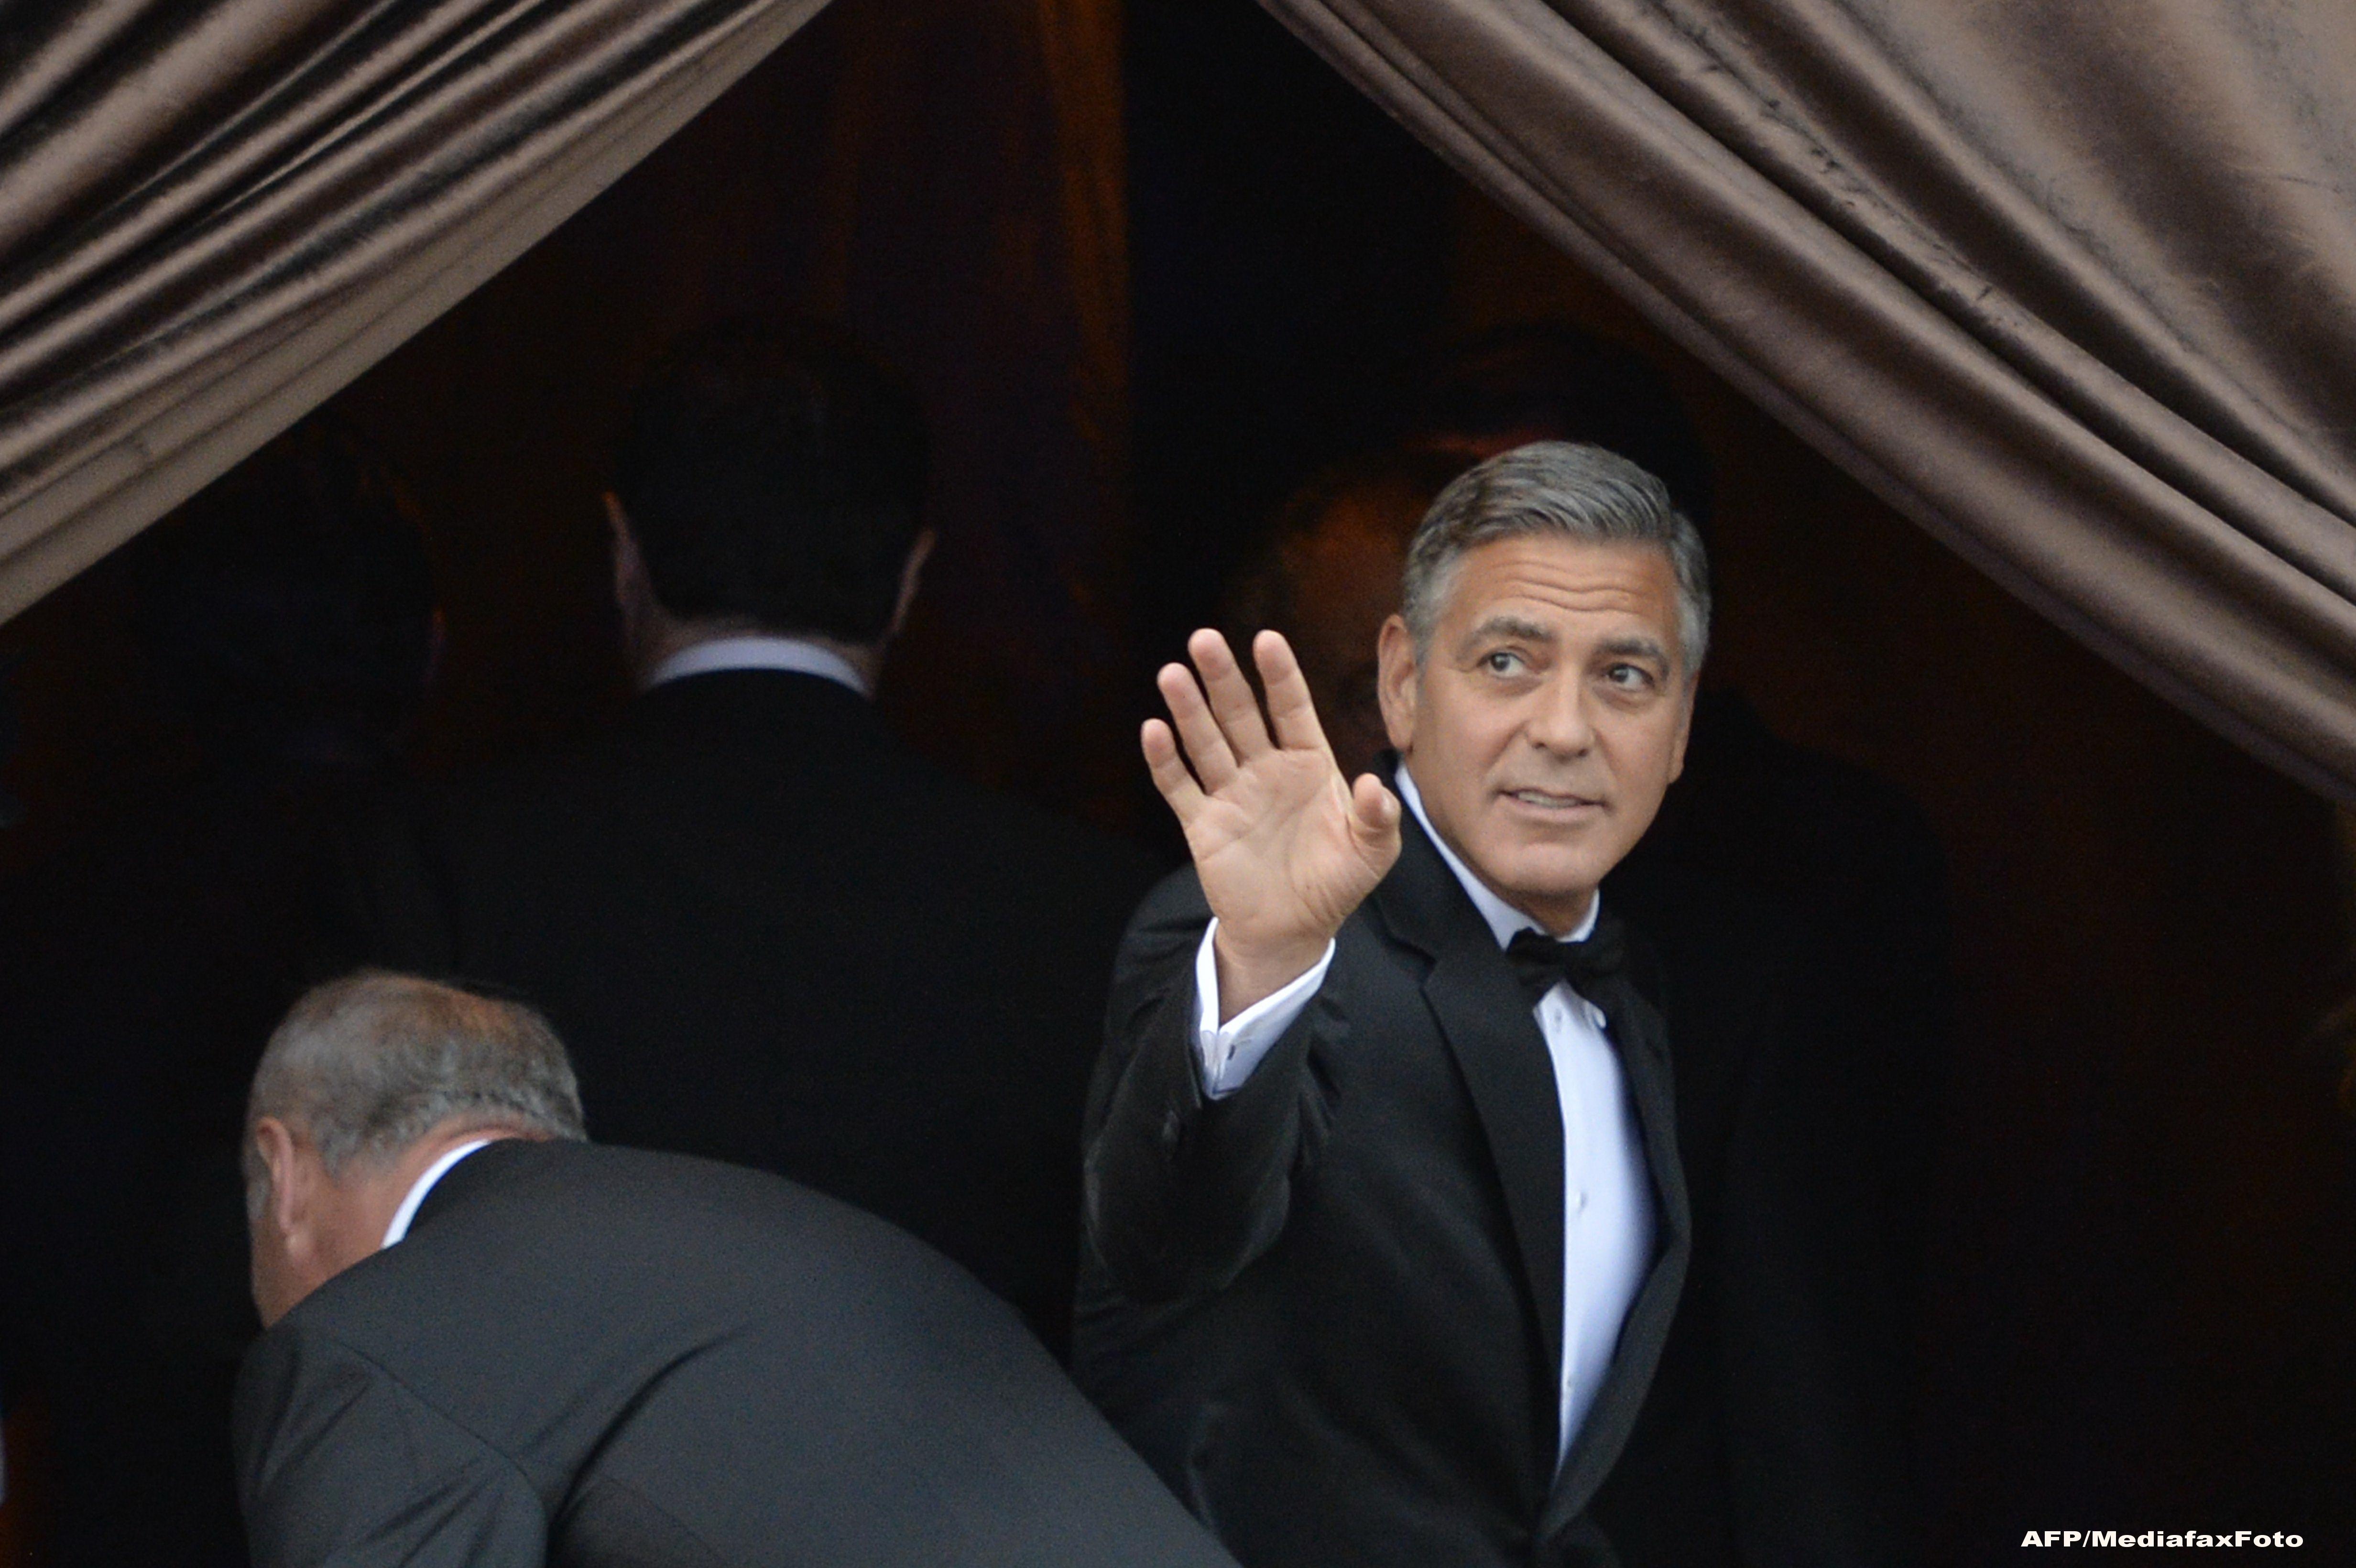 George Clooney s-a casatorit cu Amal Alamuddin. Ce VIP-uri s-au aflat printre cei 136 de invitati la nunta. GALERIE FOTO